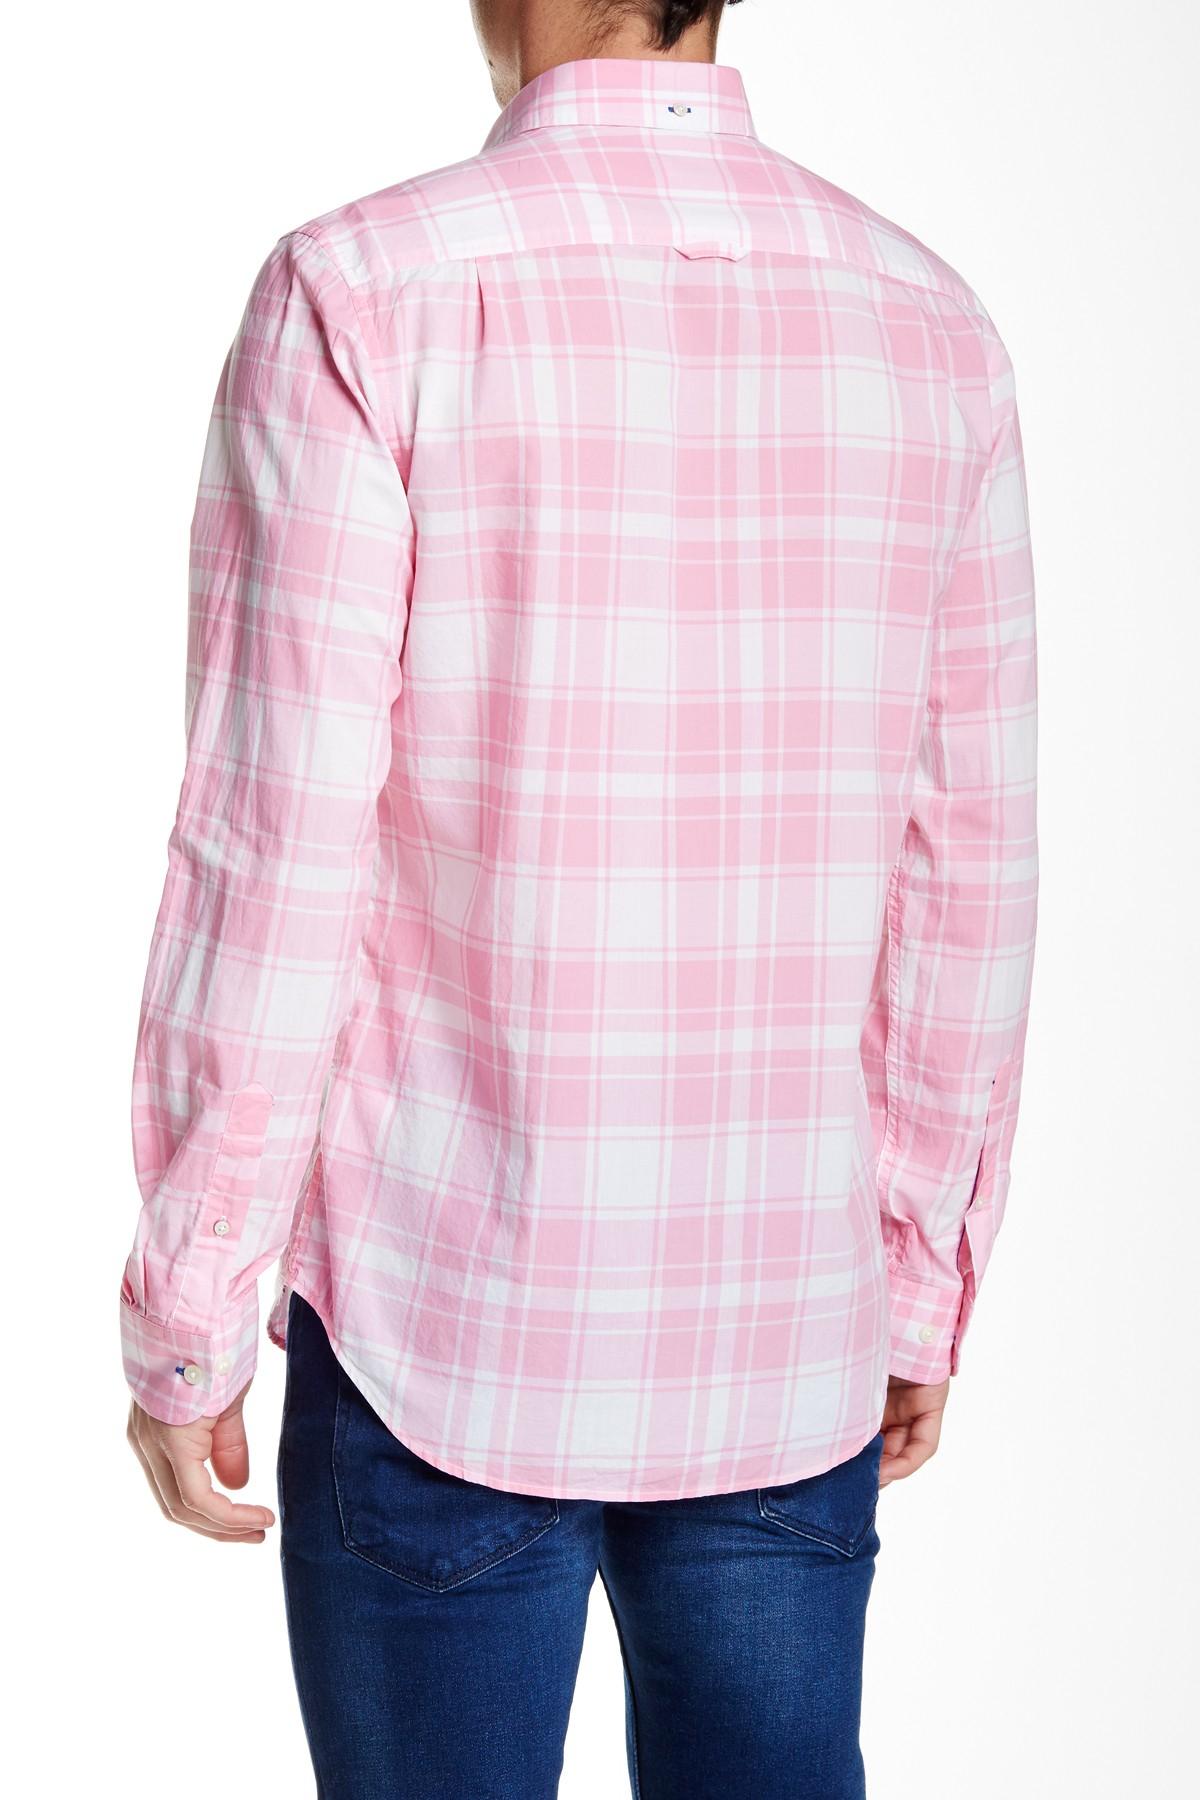 lyst gant rugger l bel air plaid long sleeve fitted shirt in pink for men. Black Bedroom Furniture Sets. Home Design Ideas